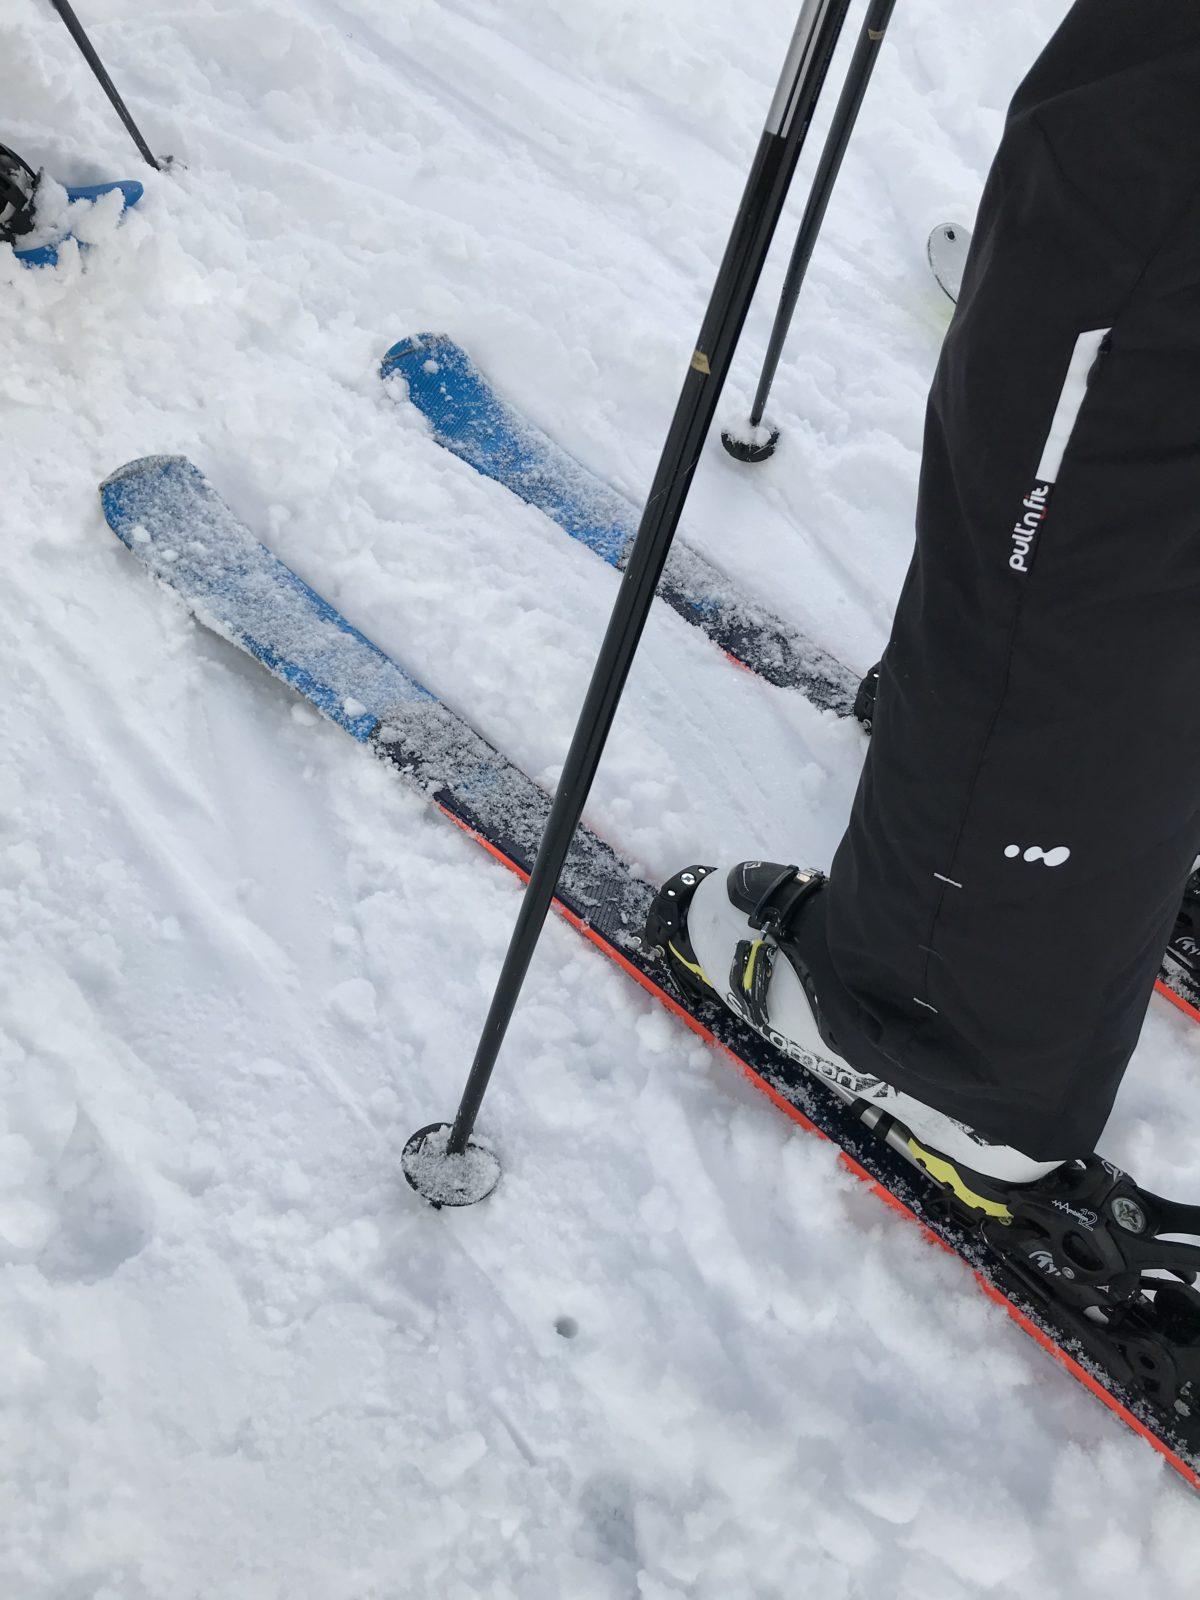 Skitourenset für Einsteiger: Wedze-SET XLD RT 500 von Decathlon